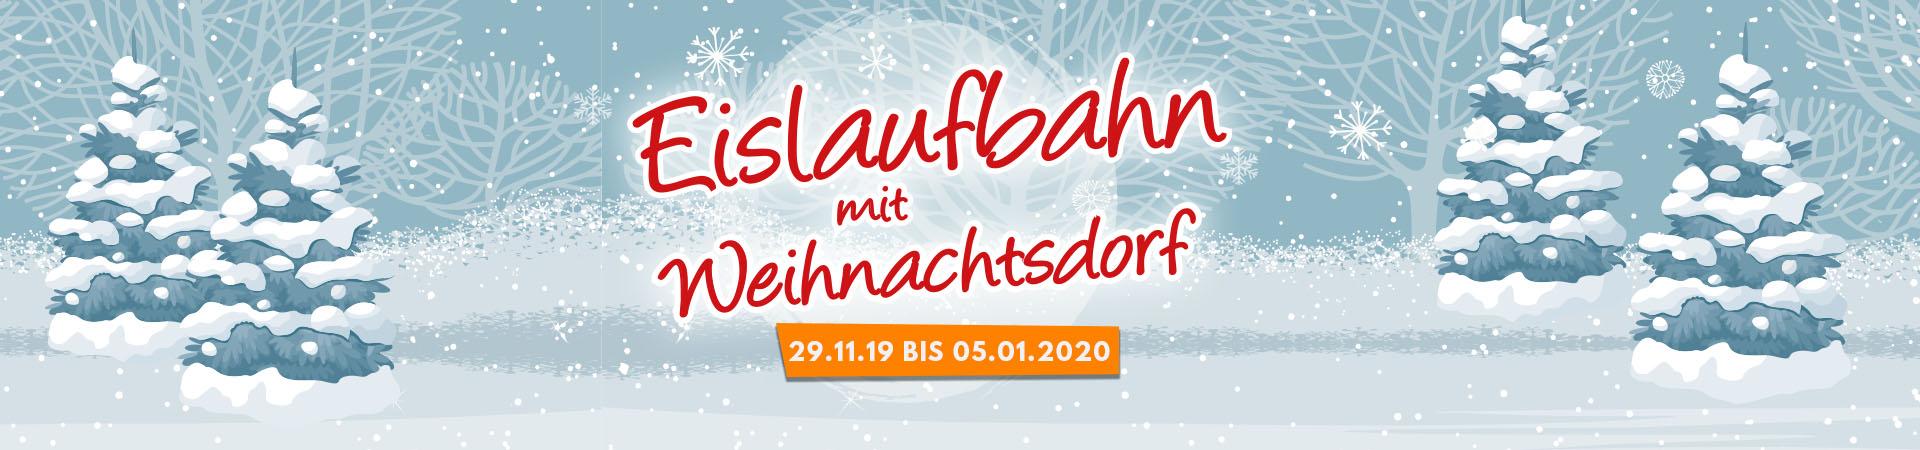 Weihnachtsmarkt mit Eislaufbahn 2019